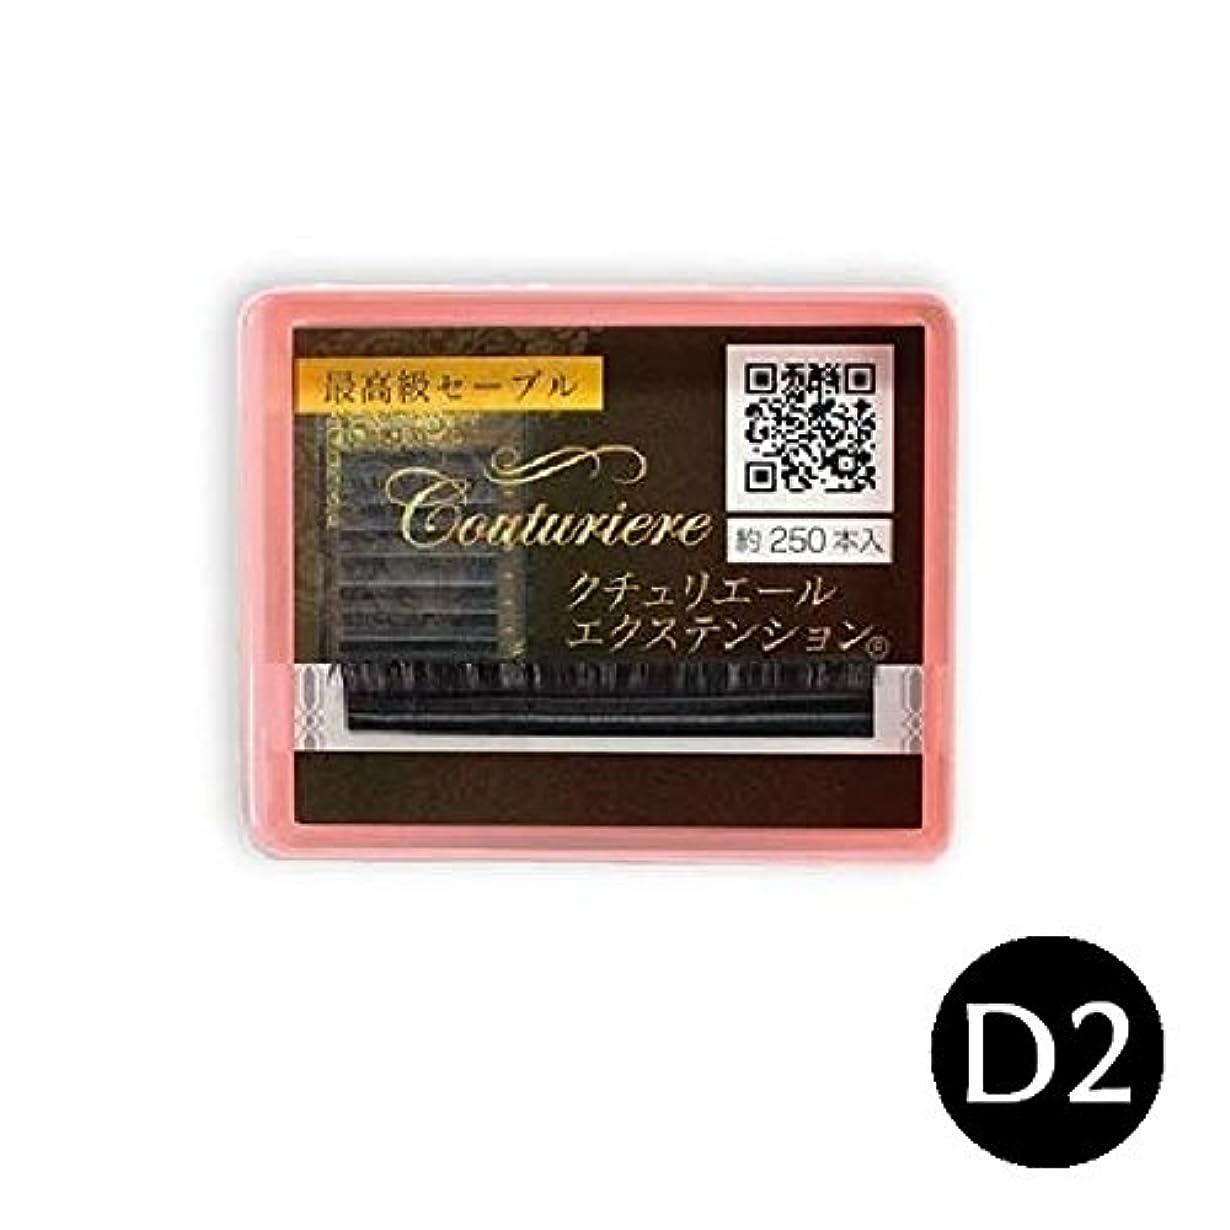 アッパーネーピア食べるまつげエクステ マツエク クチュリエール D2カール (1列) (0.15mm 11mm)